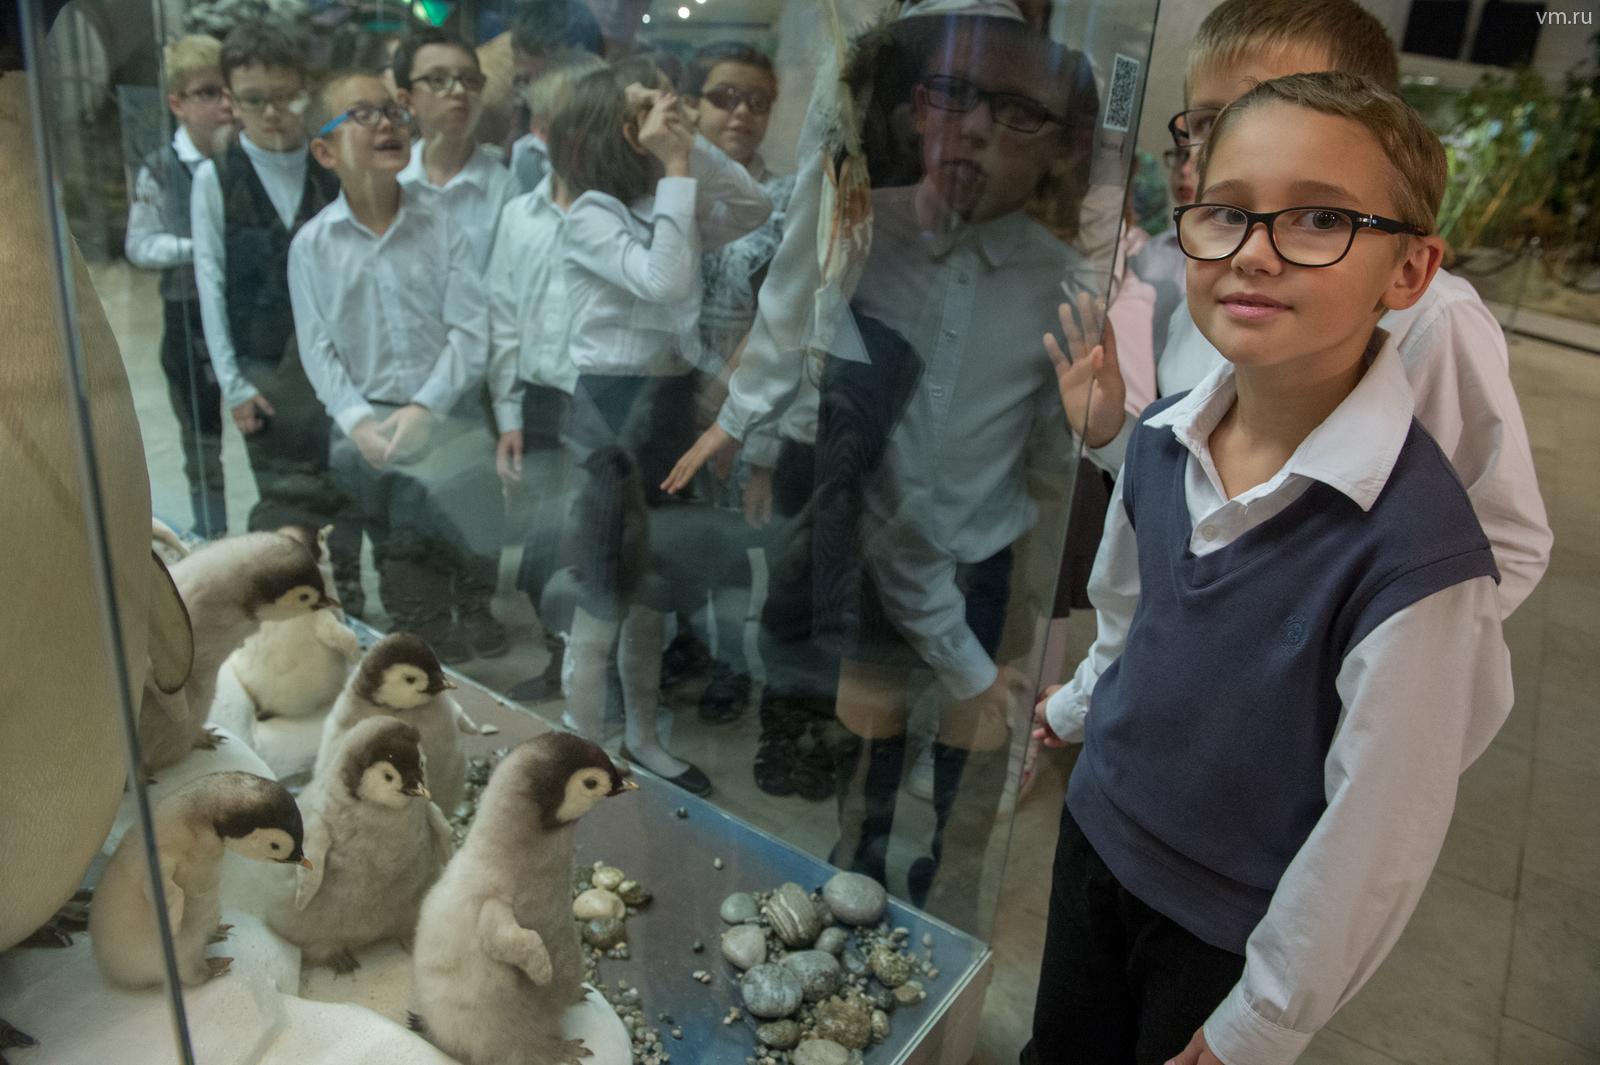 В музее для посетителей проведут викторины, лекции и познавательные игры